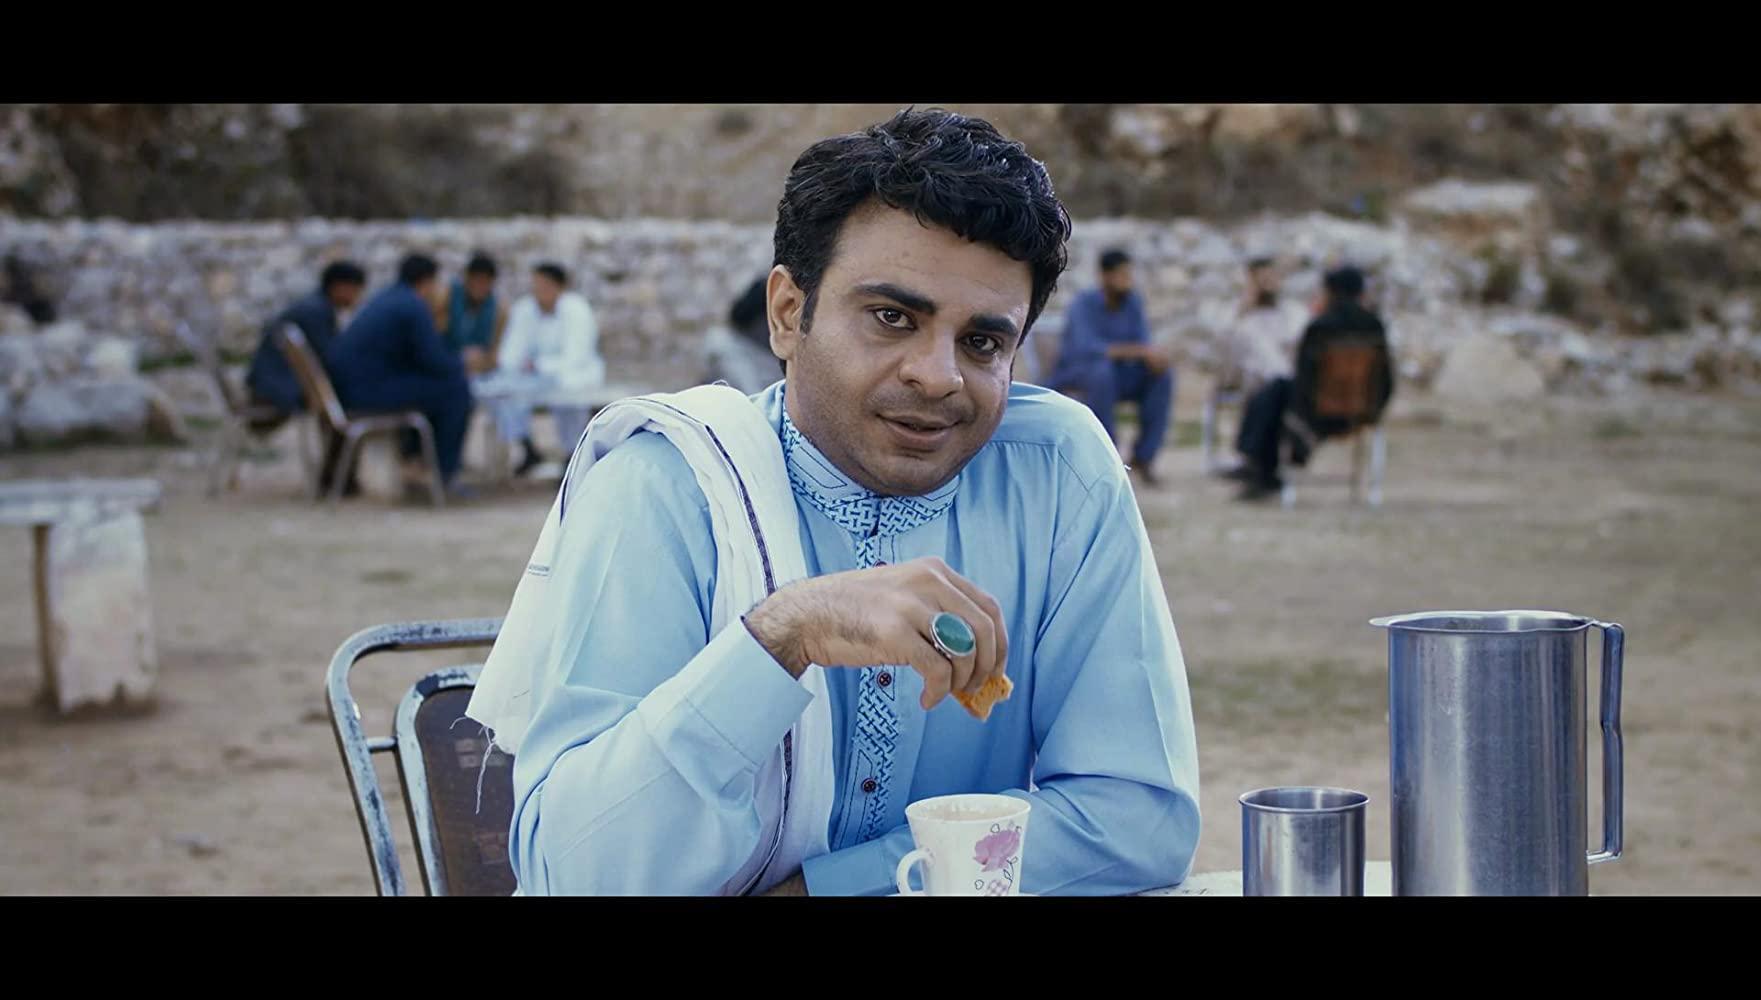 مشاهدة فيلم Kataksha (2019) مترجم HD اون لاين